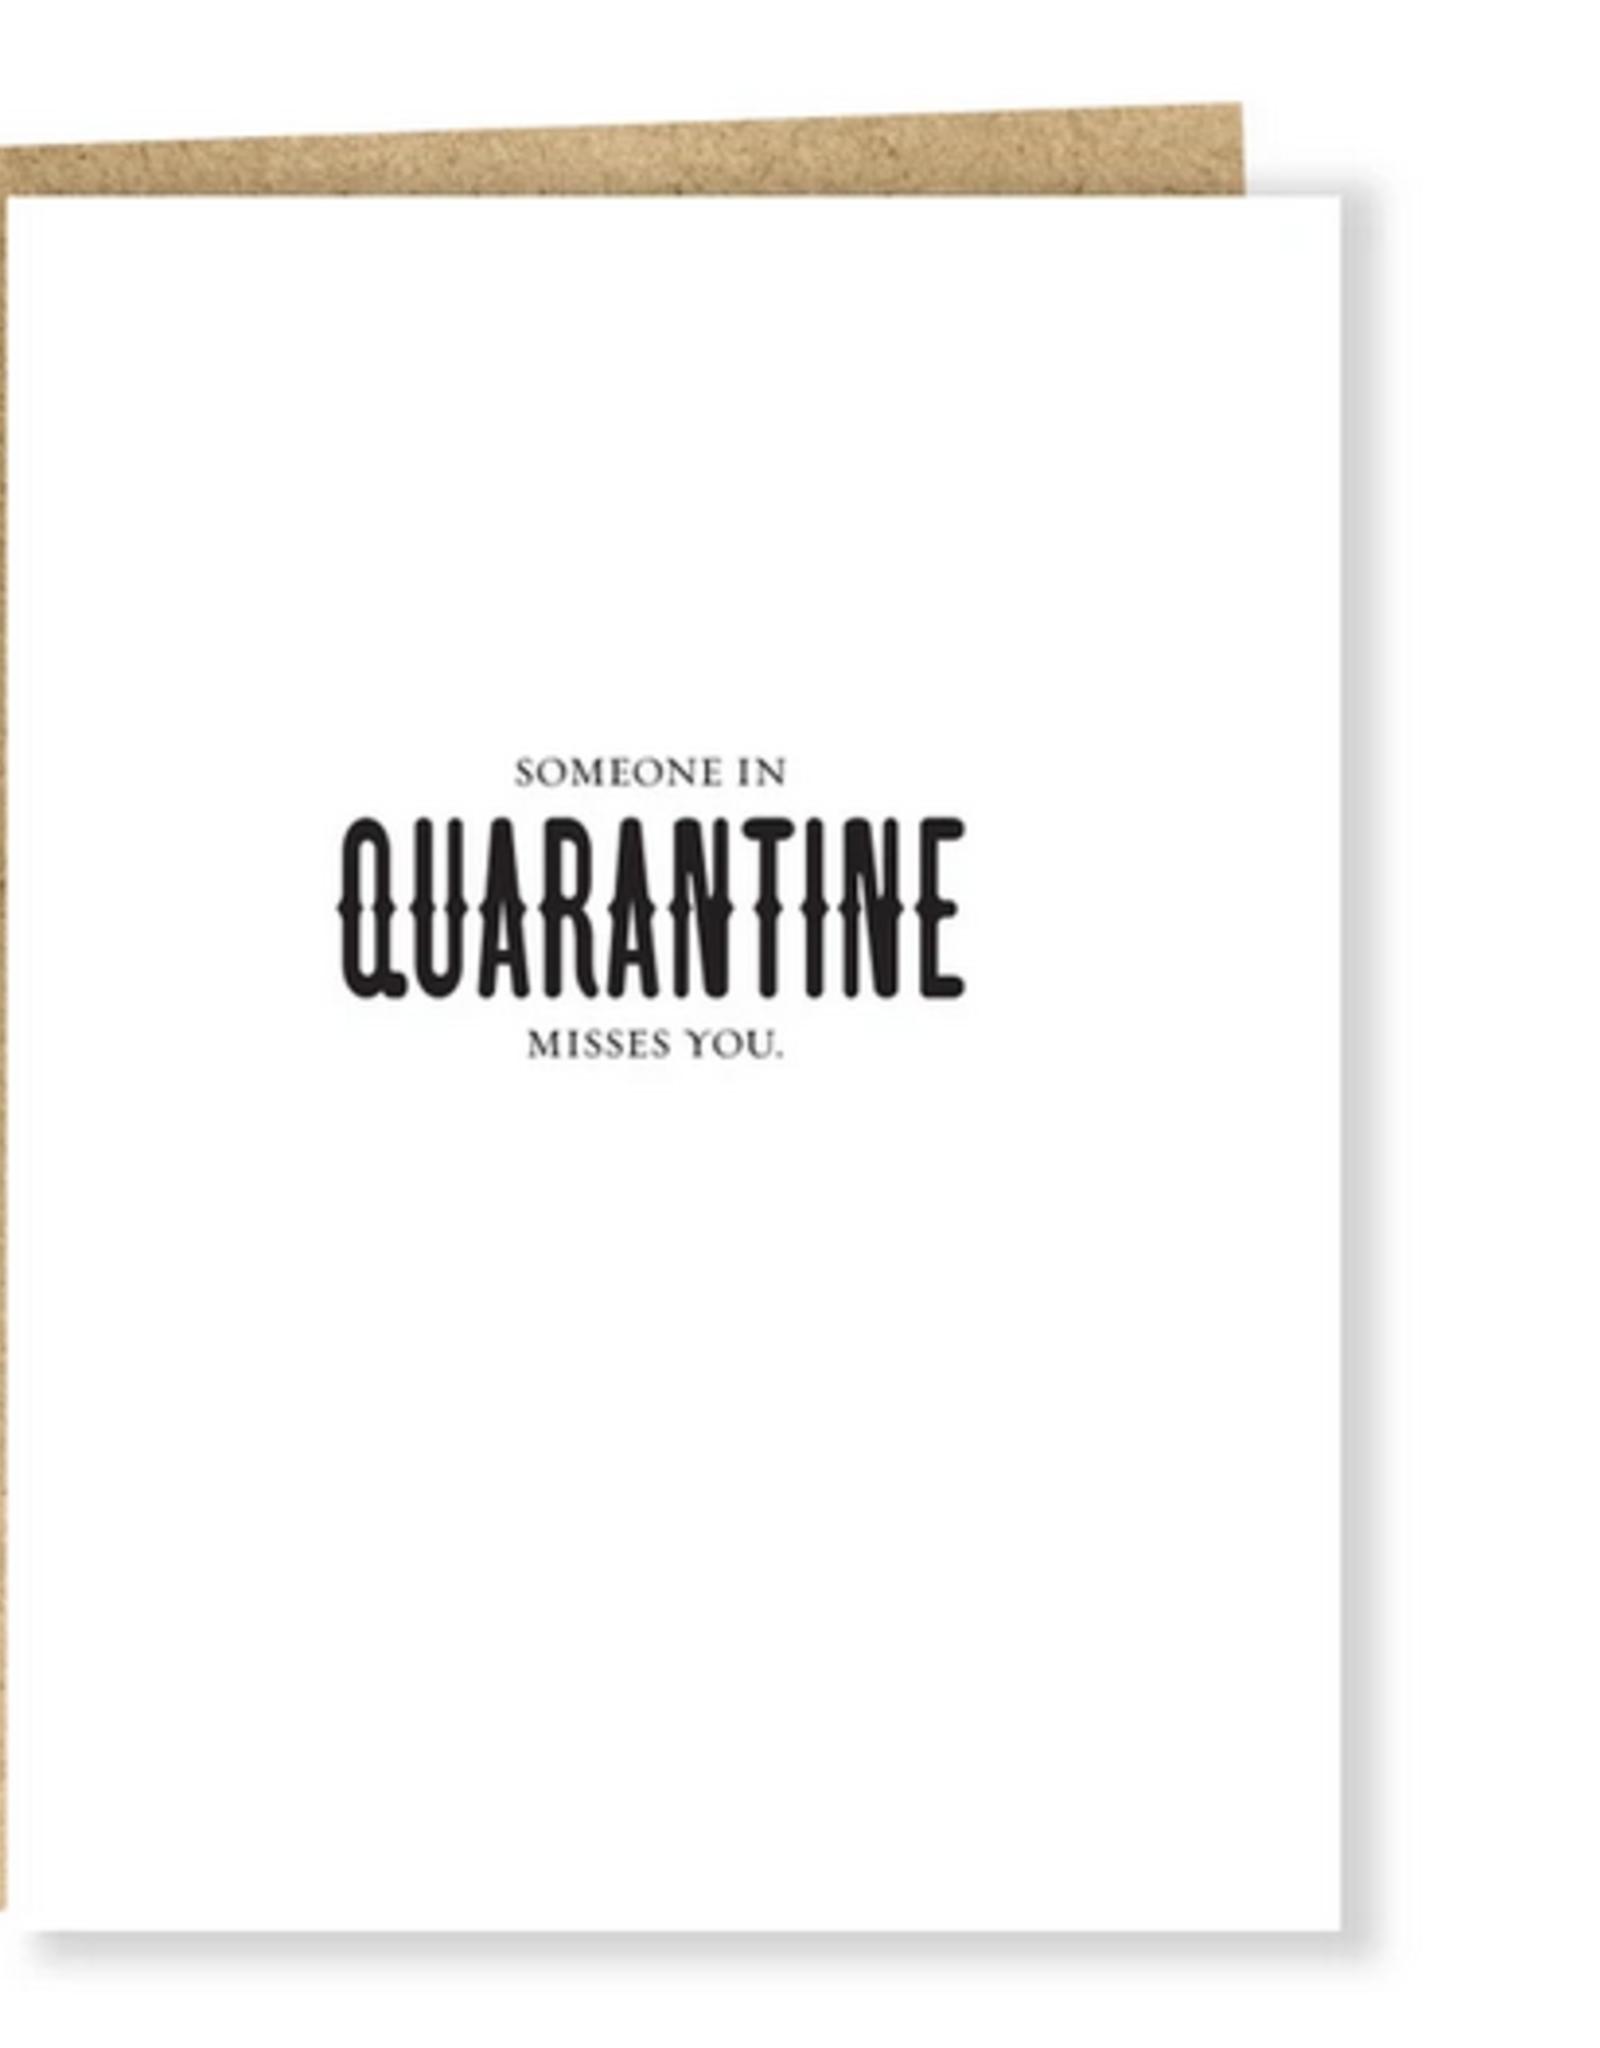 Quarantine Misses